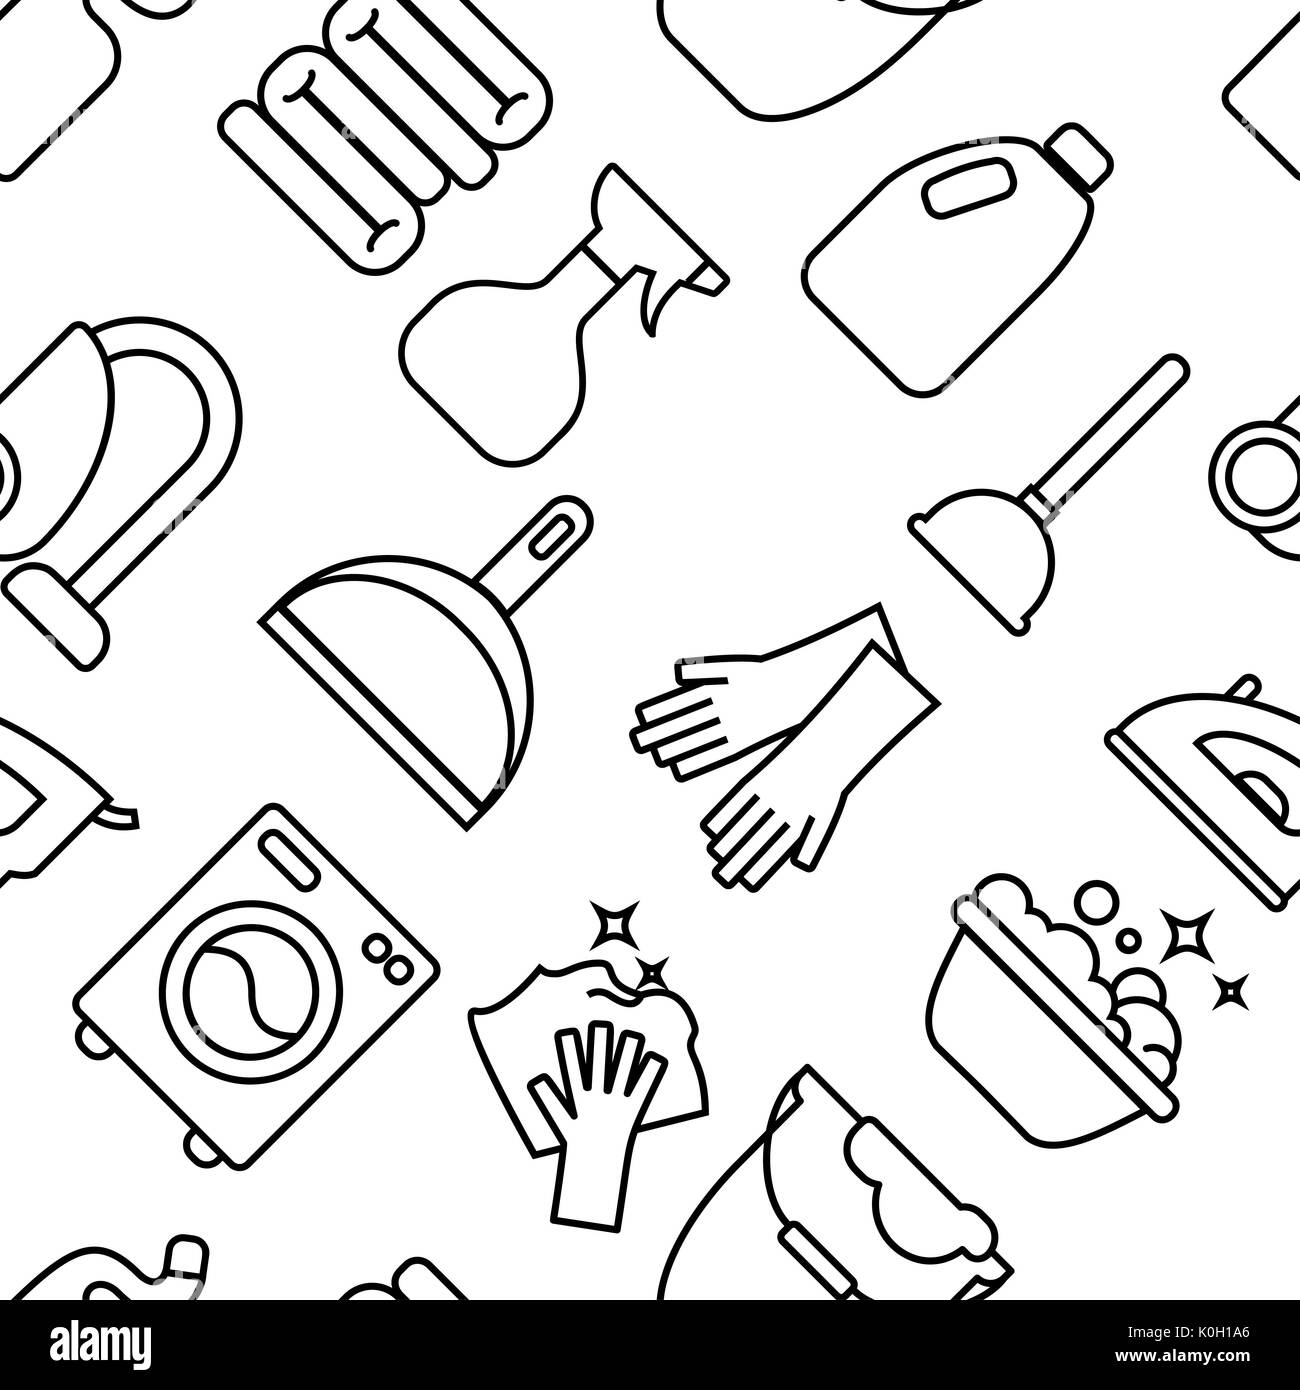 shovel black and white stock photos images alamy Shoveling Dirt cleaning wash line icons washing machine sponge mop iron vacuum